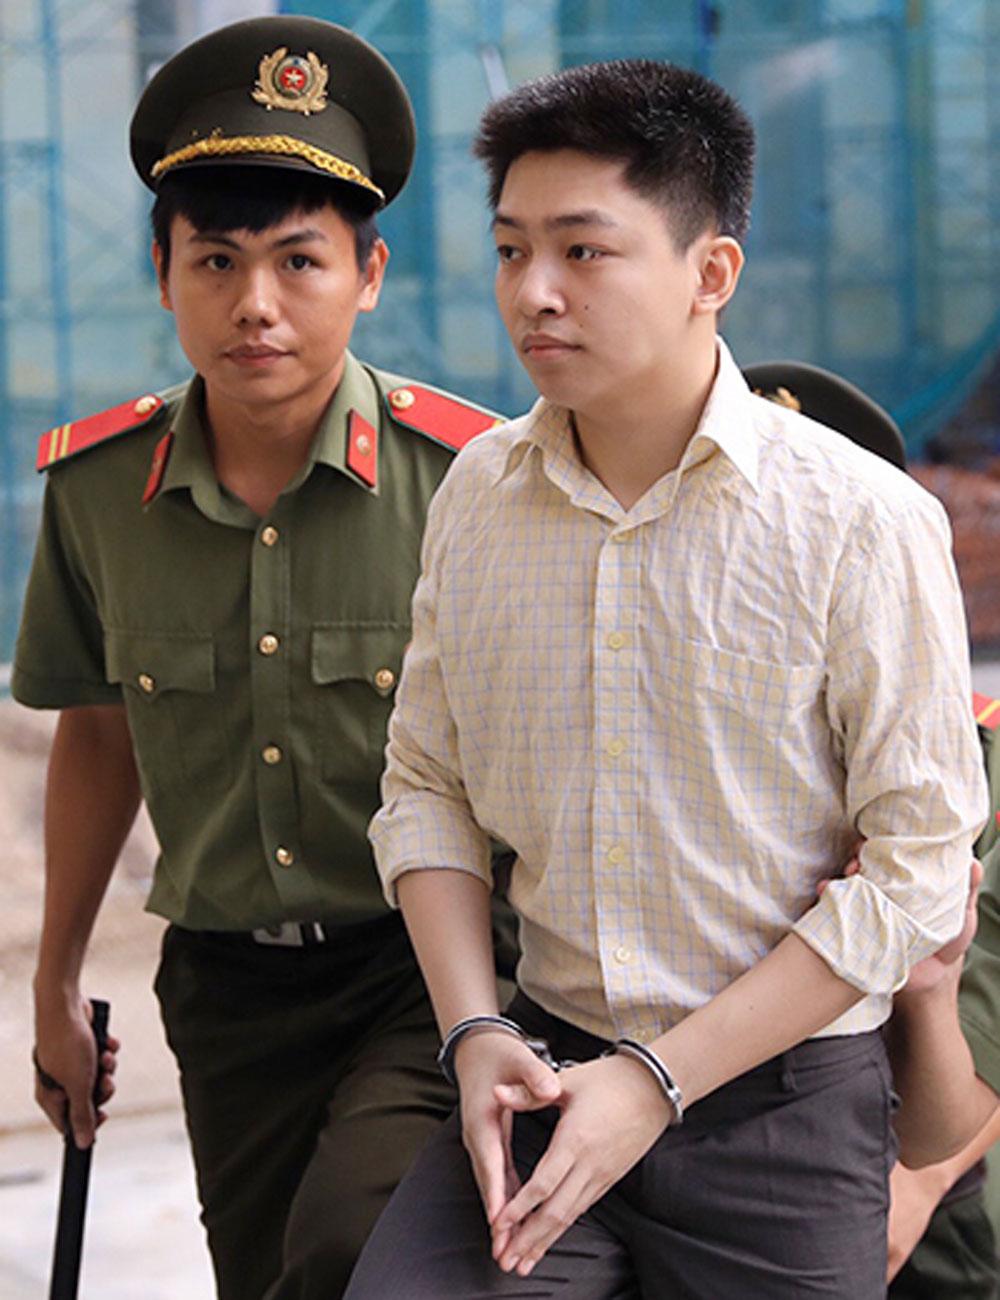 tổ chức Quốc nội quật khởi, Trần Long Phi , Người quốc tịch Mỹ, lĩnh 12 năm tù tội, hoạt động, lật đổ chính quyền, Nguyen Michael PhuongMinh, Huỳnh Đức Thanh Bình